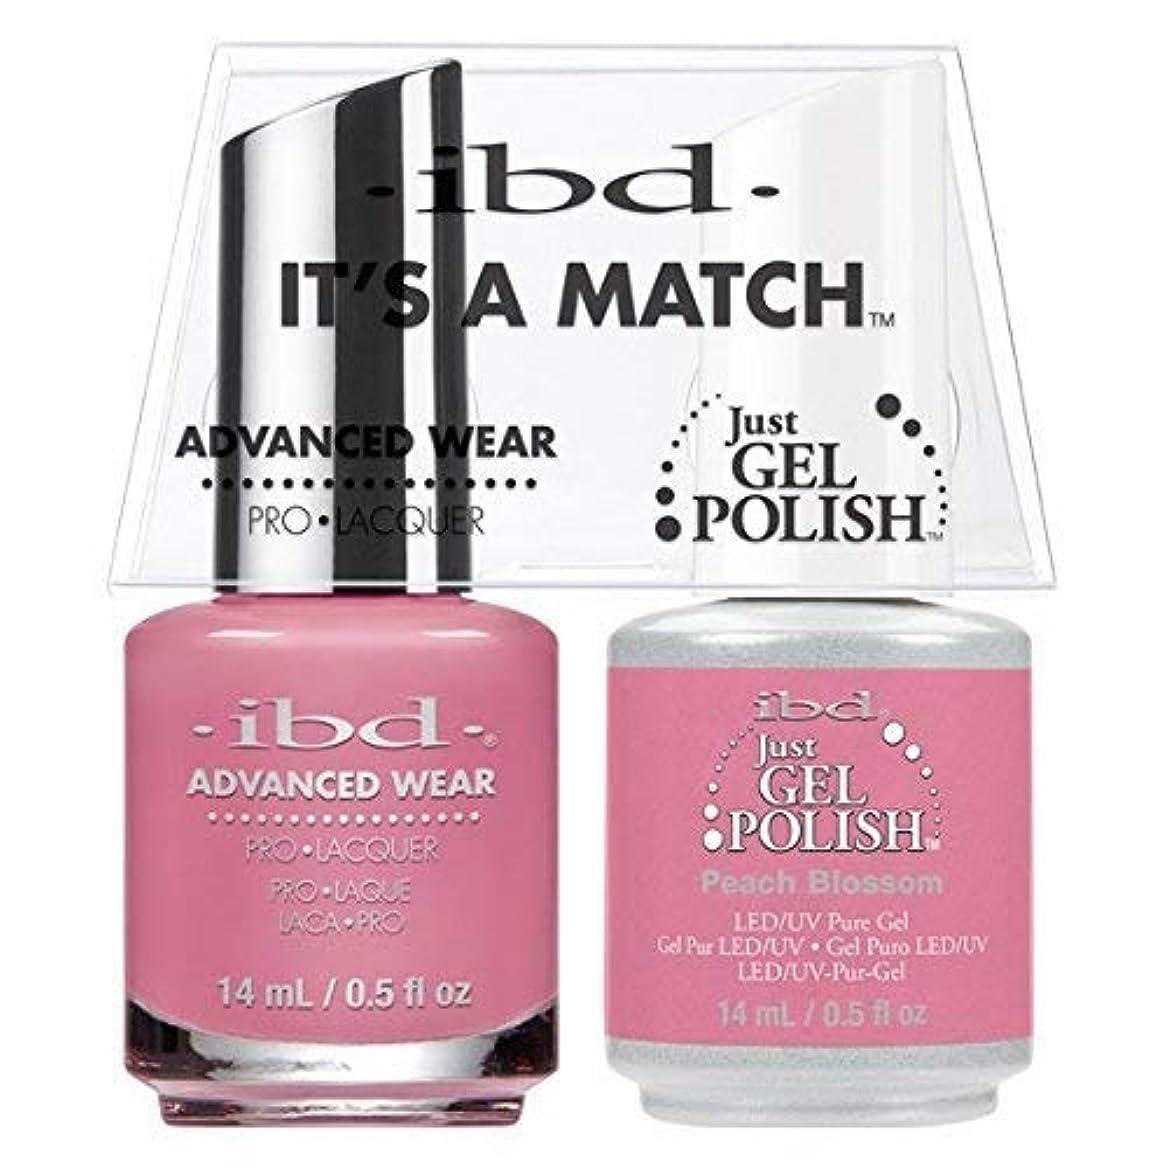 既婚非常に怒っています軸ibd - It's A Match -Duo Pack- Peach Blossom - 14 mL / 0.5 oz Each